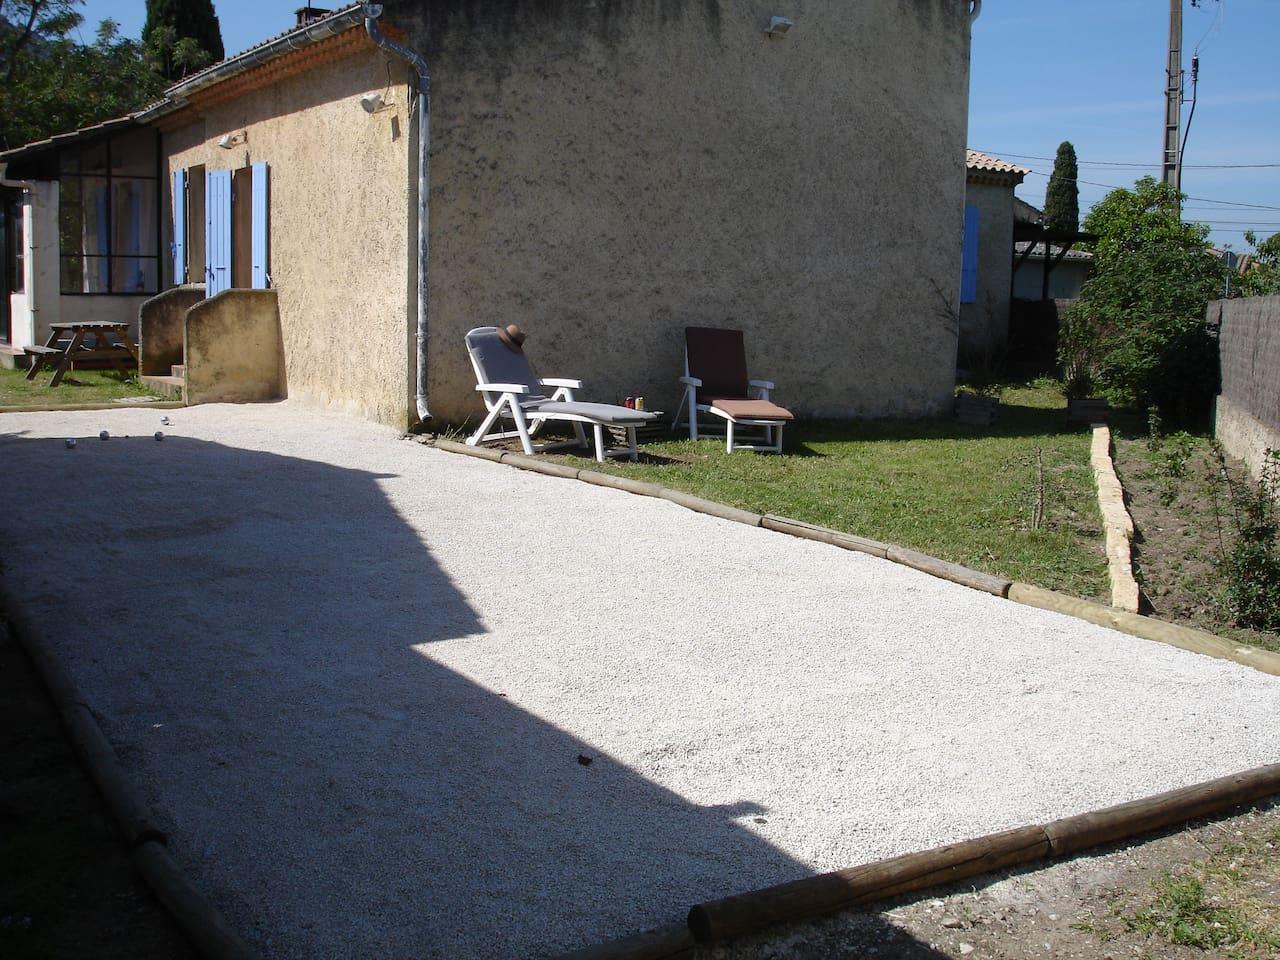 L'entrée du studio donne accès à votre espace extérieur avec boulodrome et jardin.